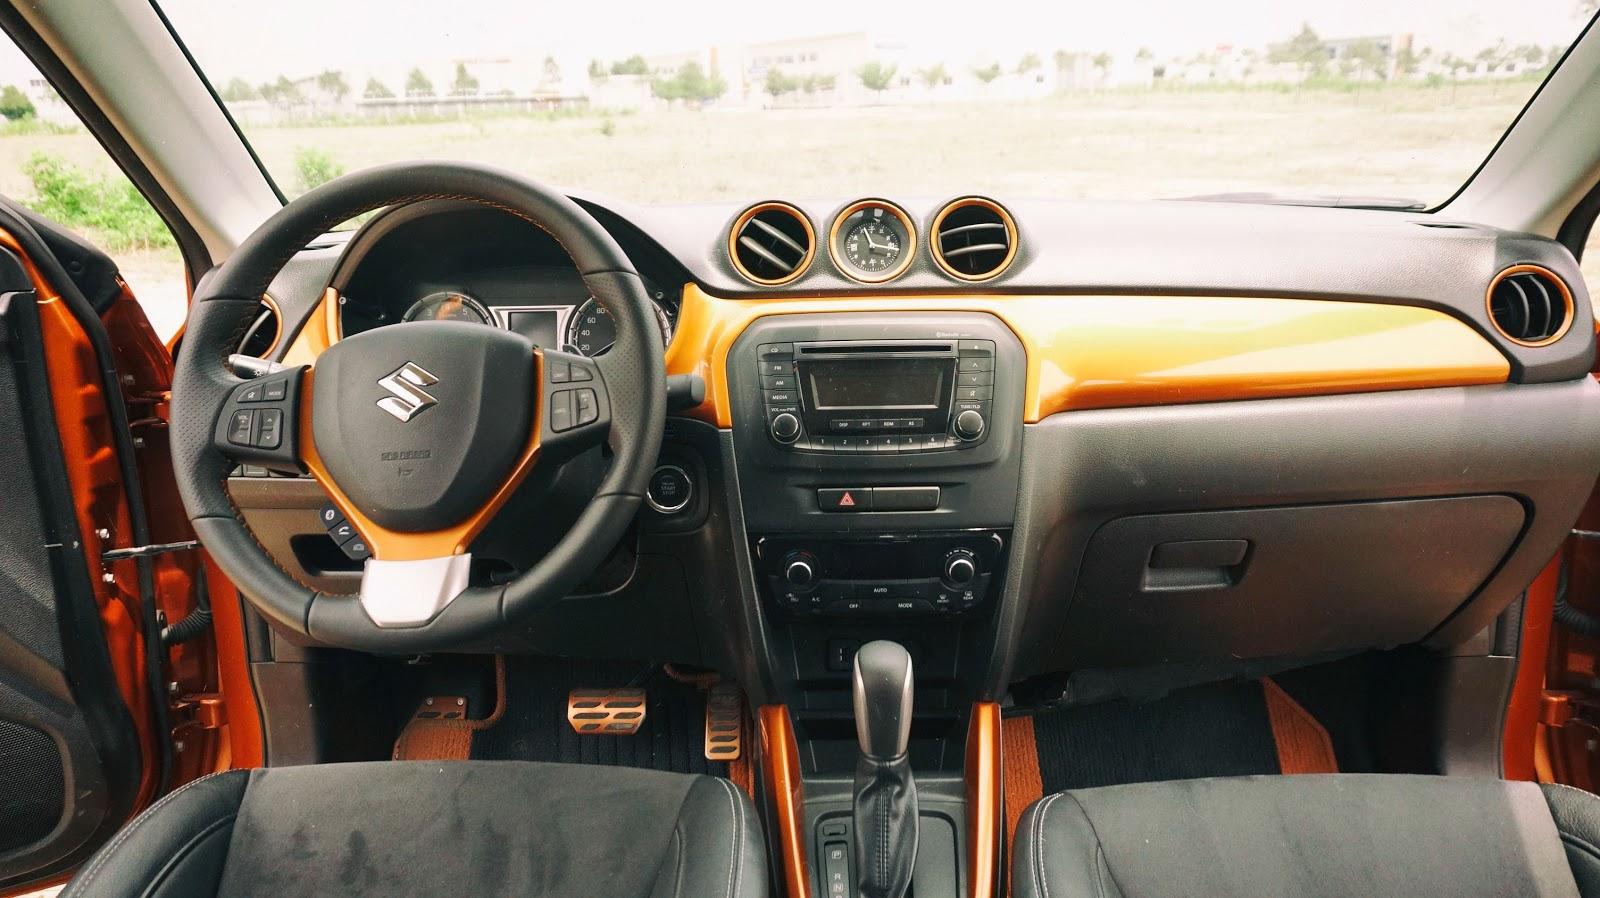 Nhiều tính năng thông minh, hỗ trợ người lái tốt được trang bị, tuy nhiên bản cao cấp hơn sẽ tuyệt hơn nữa